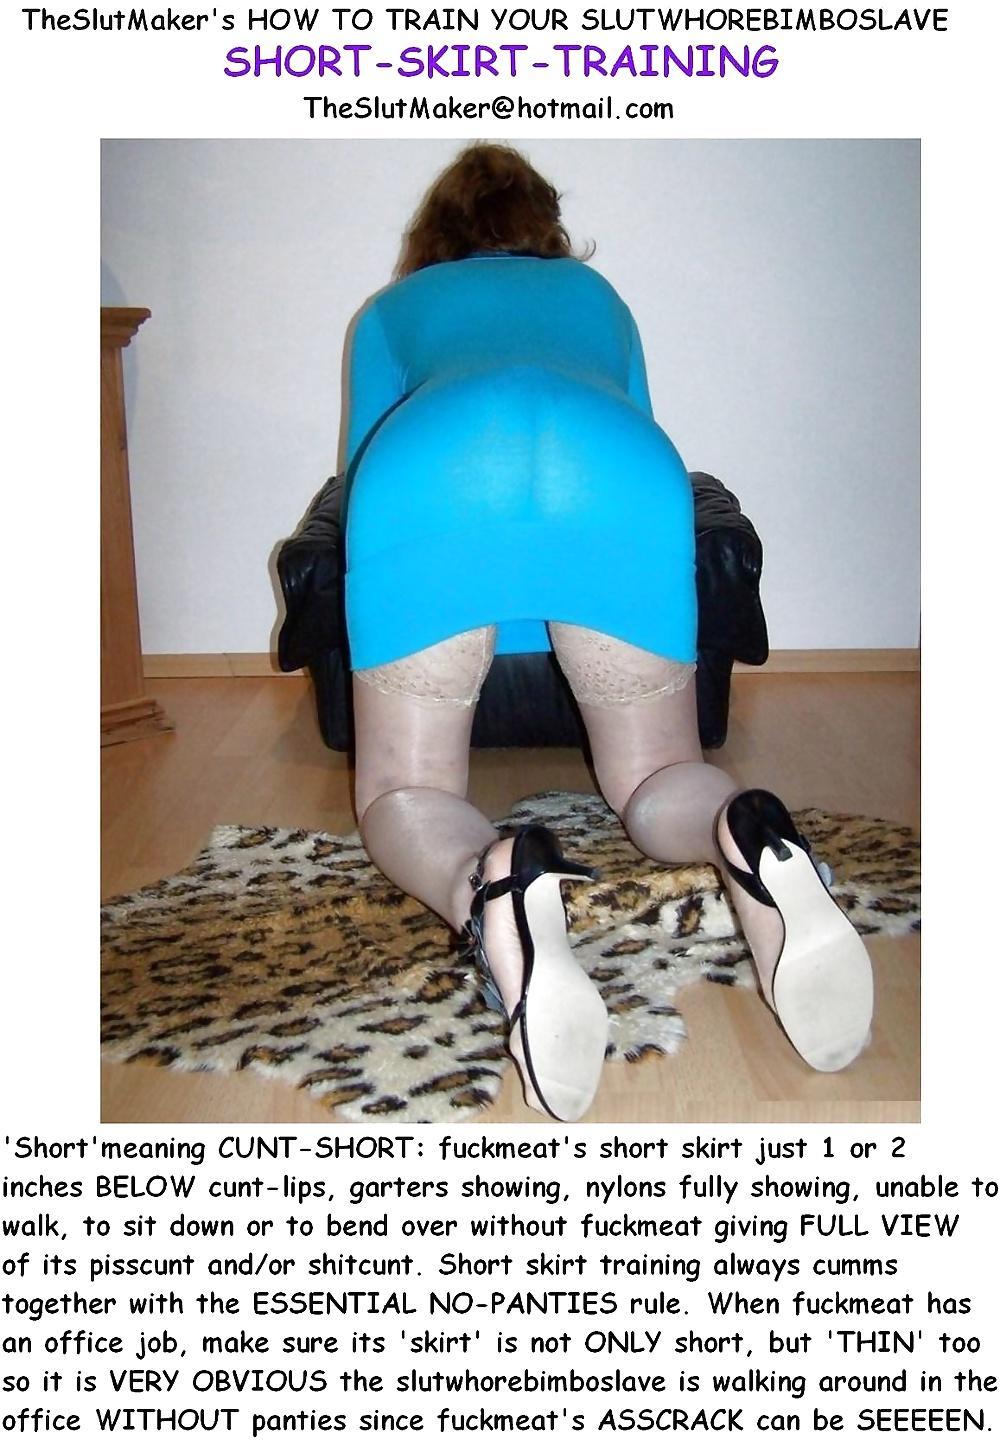 Hot secretary short skirt